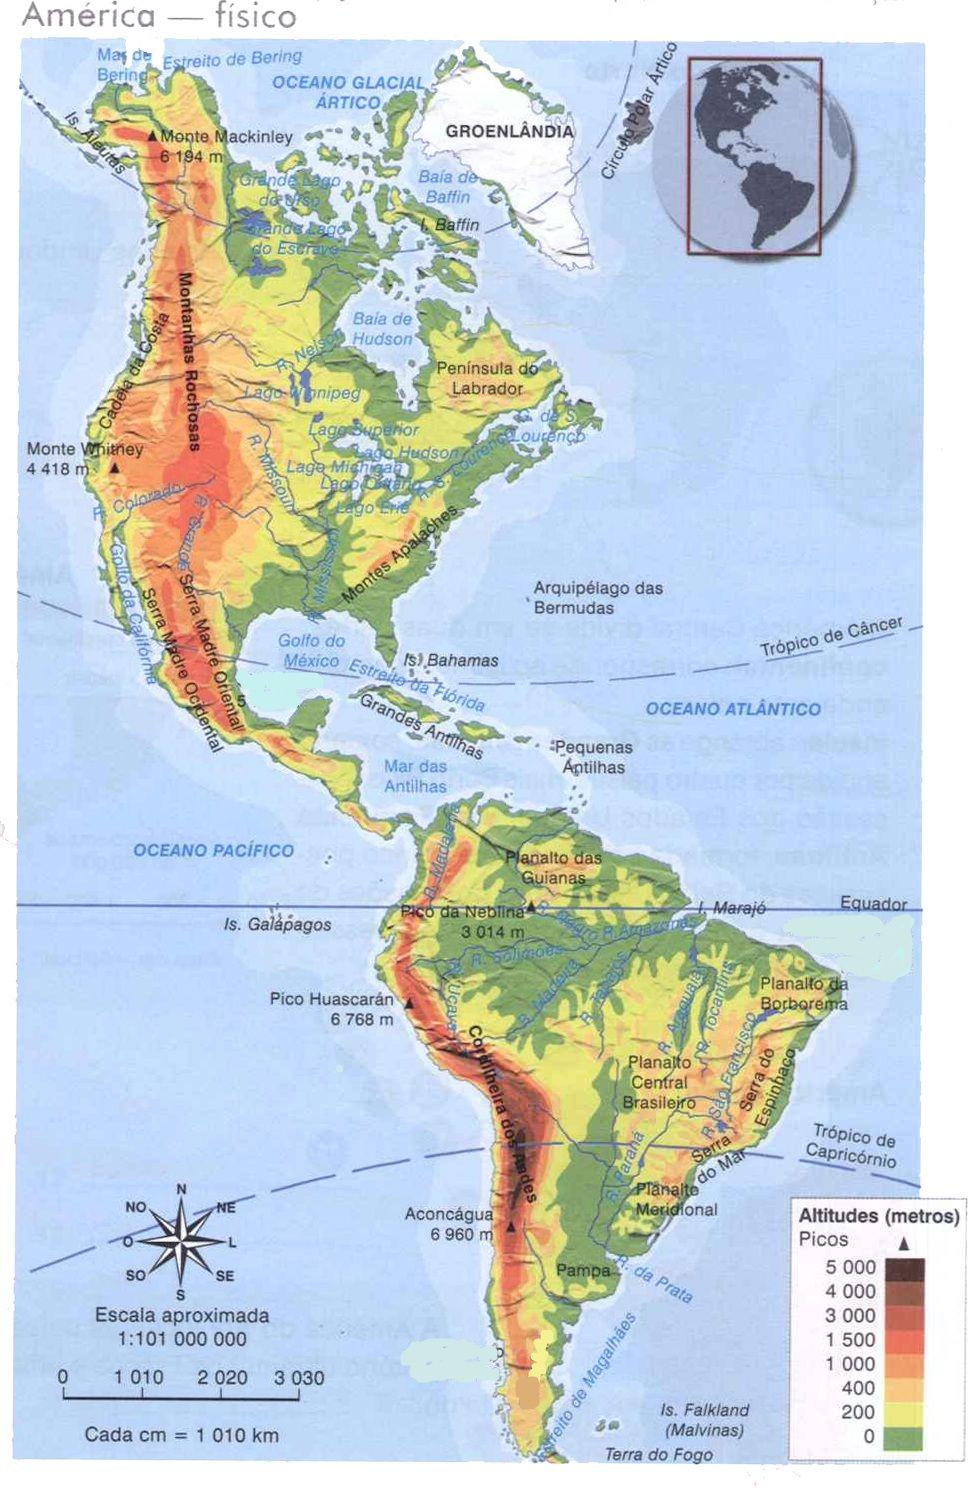 Mapa Fisico De America.Mapa De America Mapa Fisico Geografico Politico